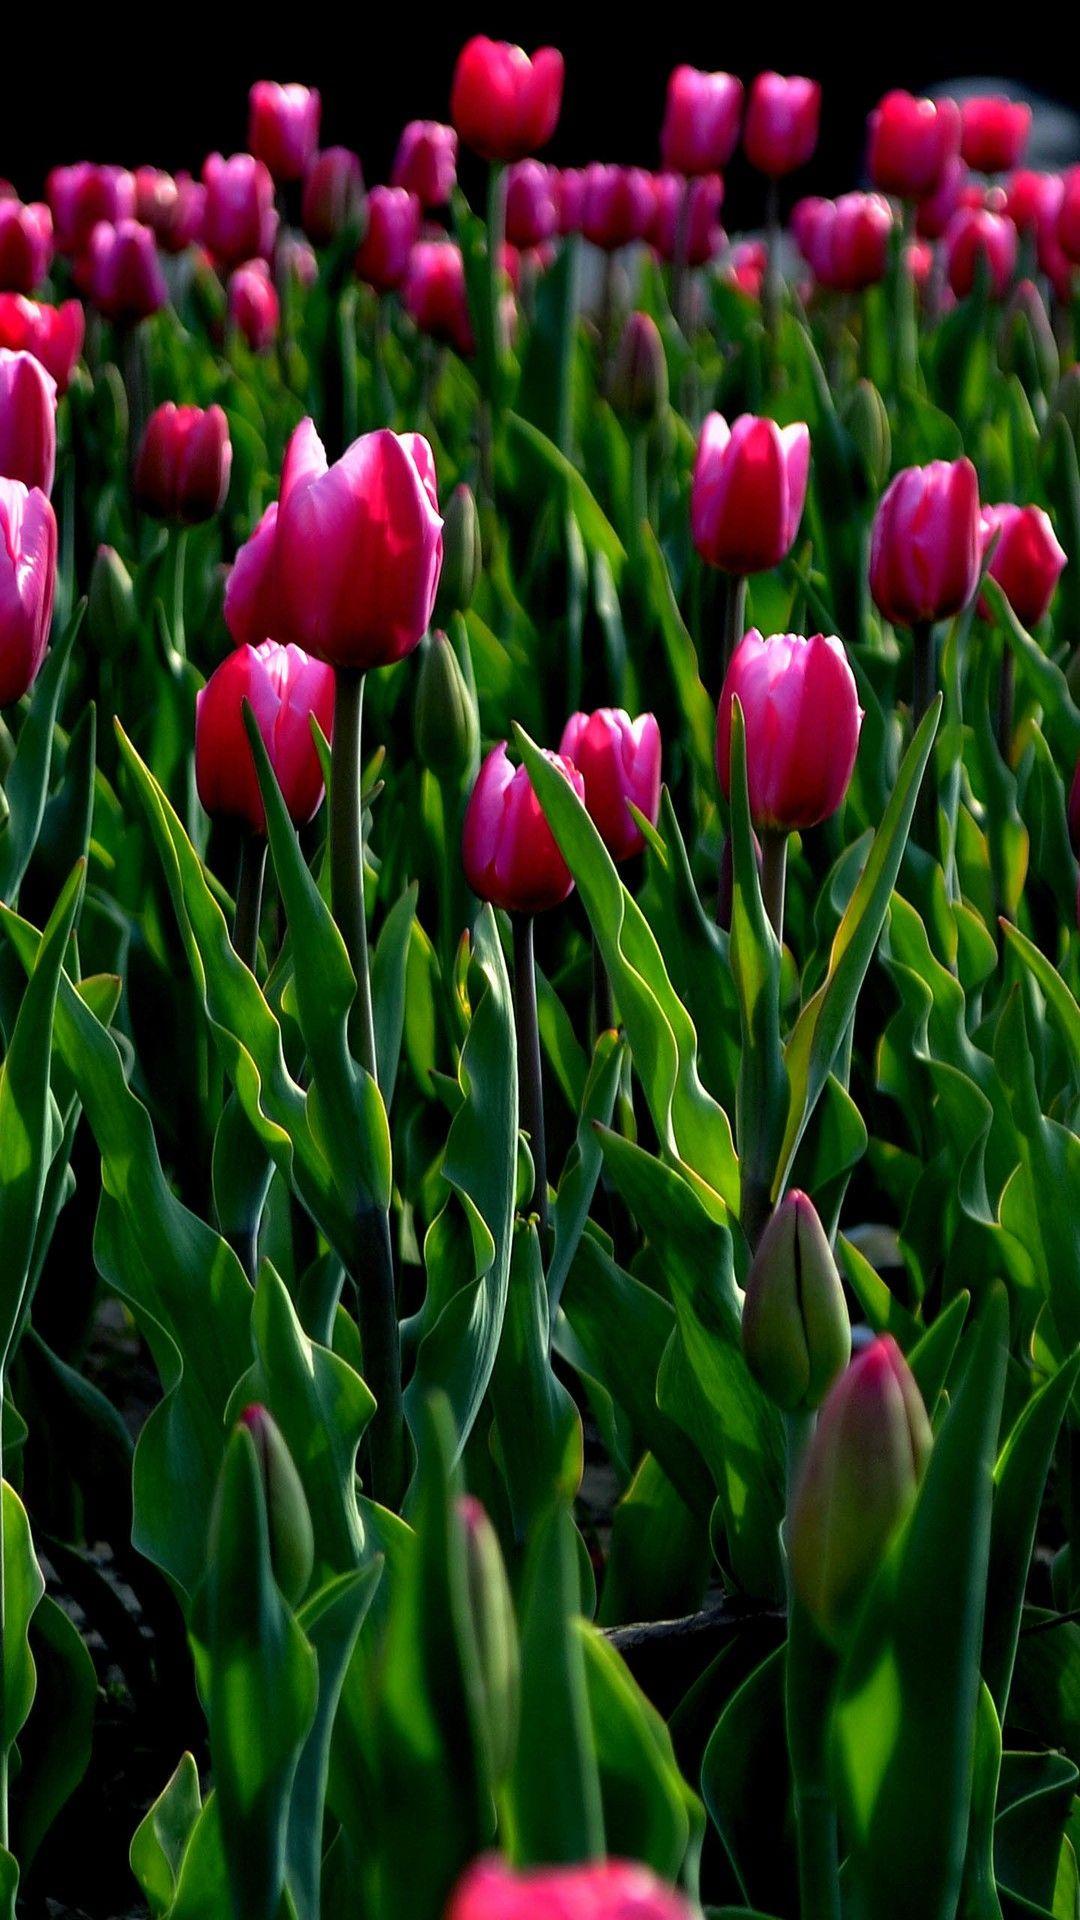 Nature Wild Tulips Garden Field iPhone 8 Wallpapers